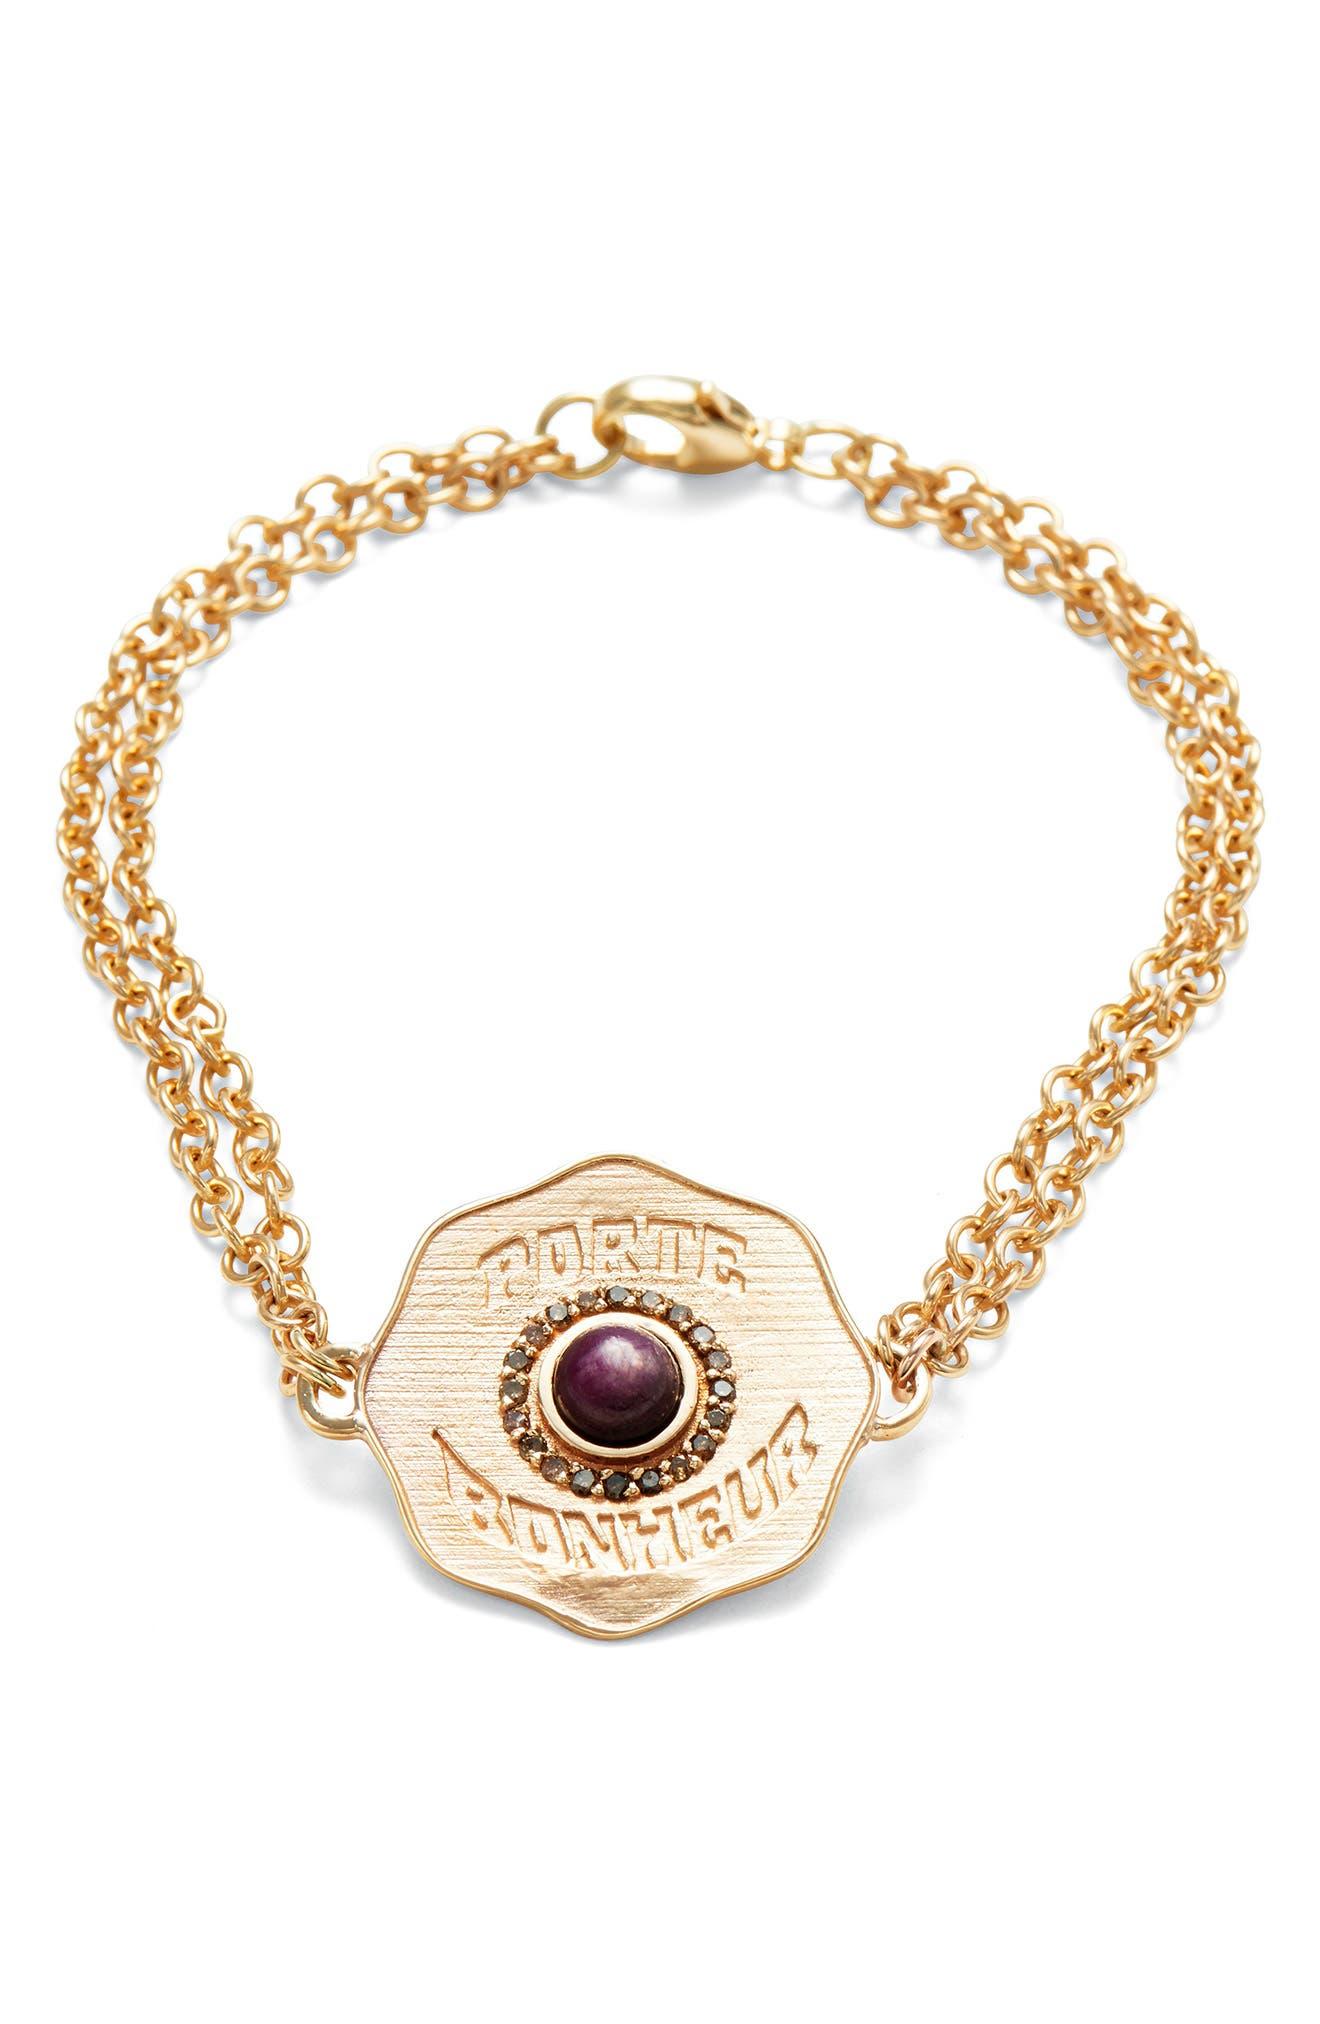 Porte Bonheur Coin Bracelet,                             Main thumbnail 1, color,                             YELLOW GOLD